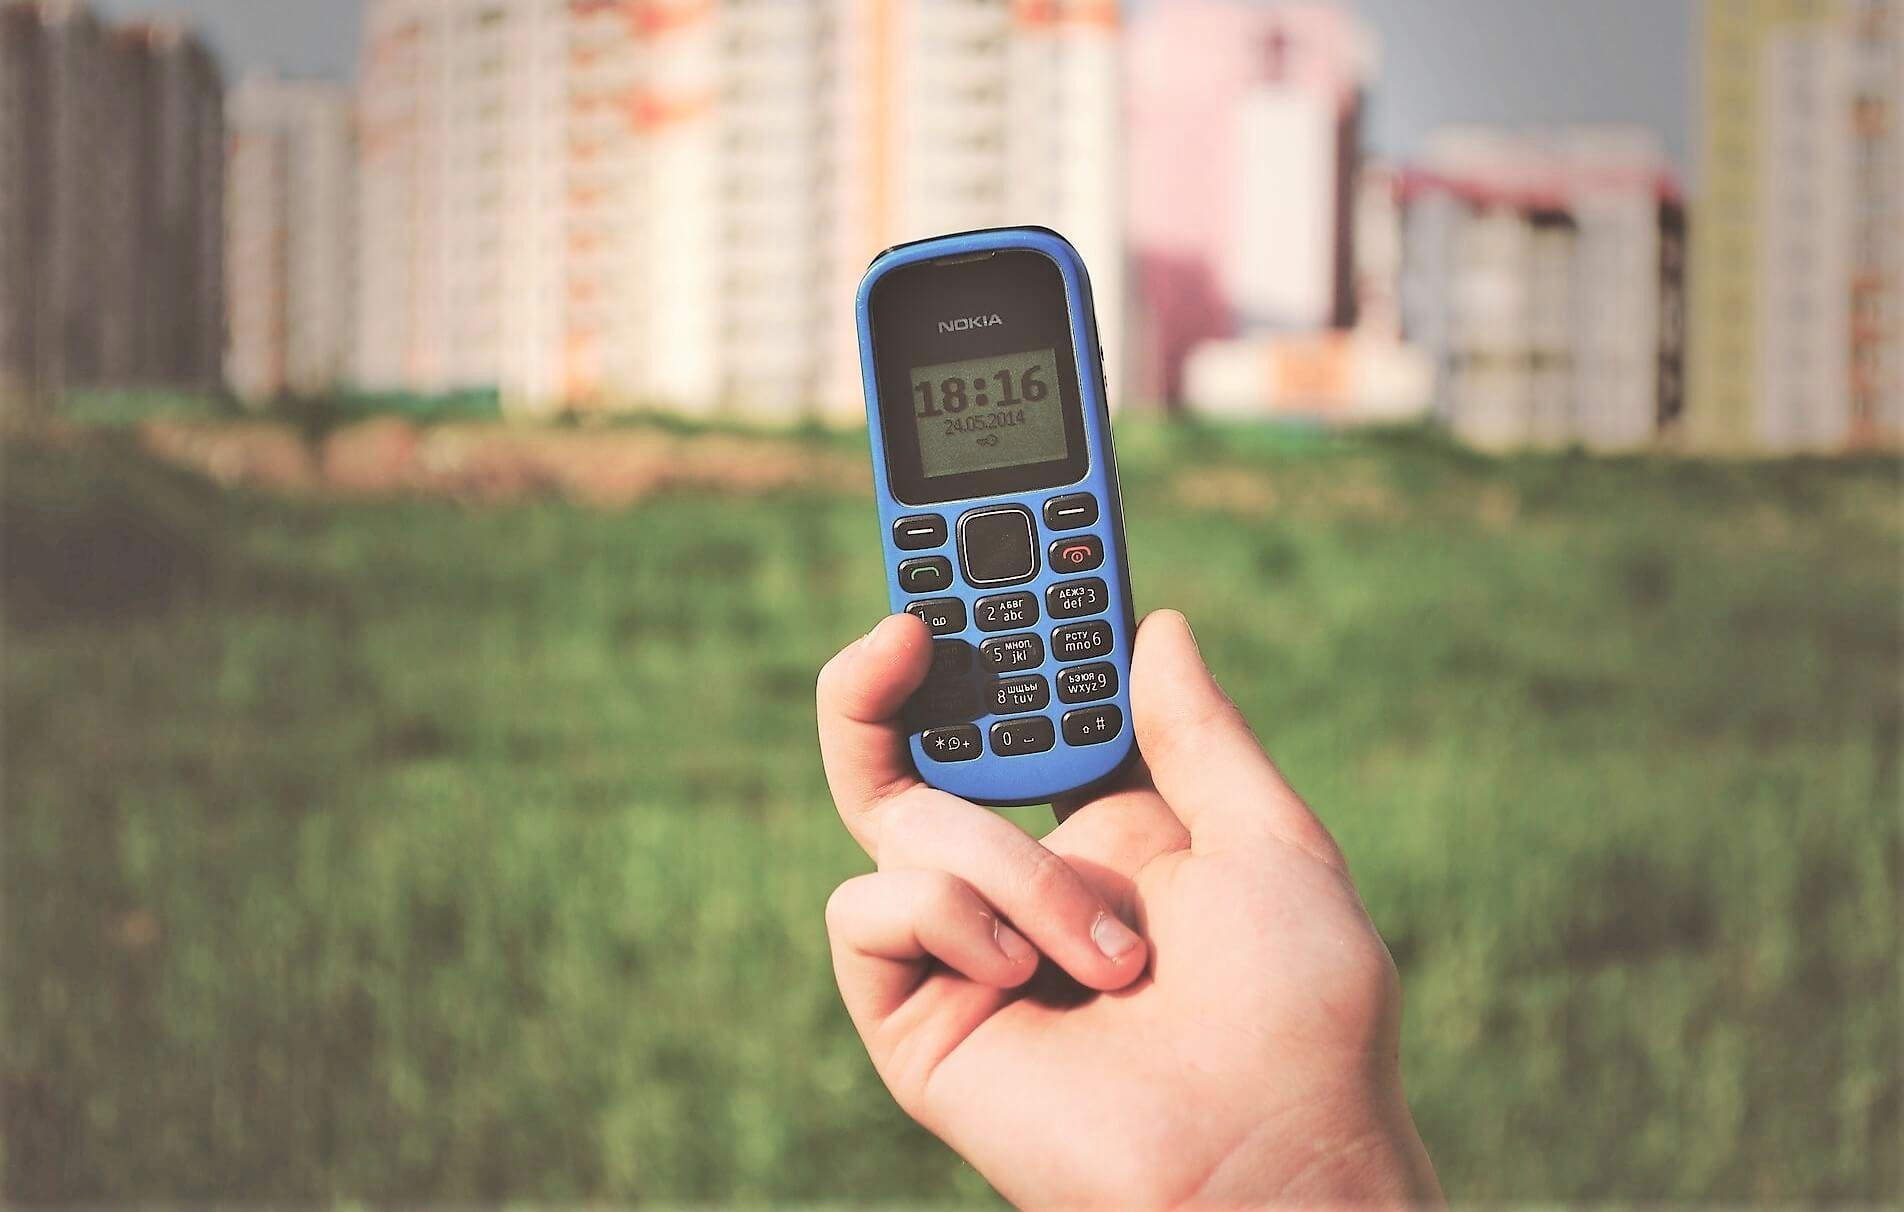 En liten Nokia mobiltelefon - Bildet er tatt av Free-Photos fra Pixabay